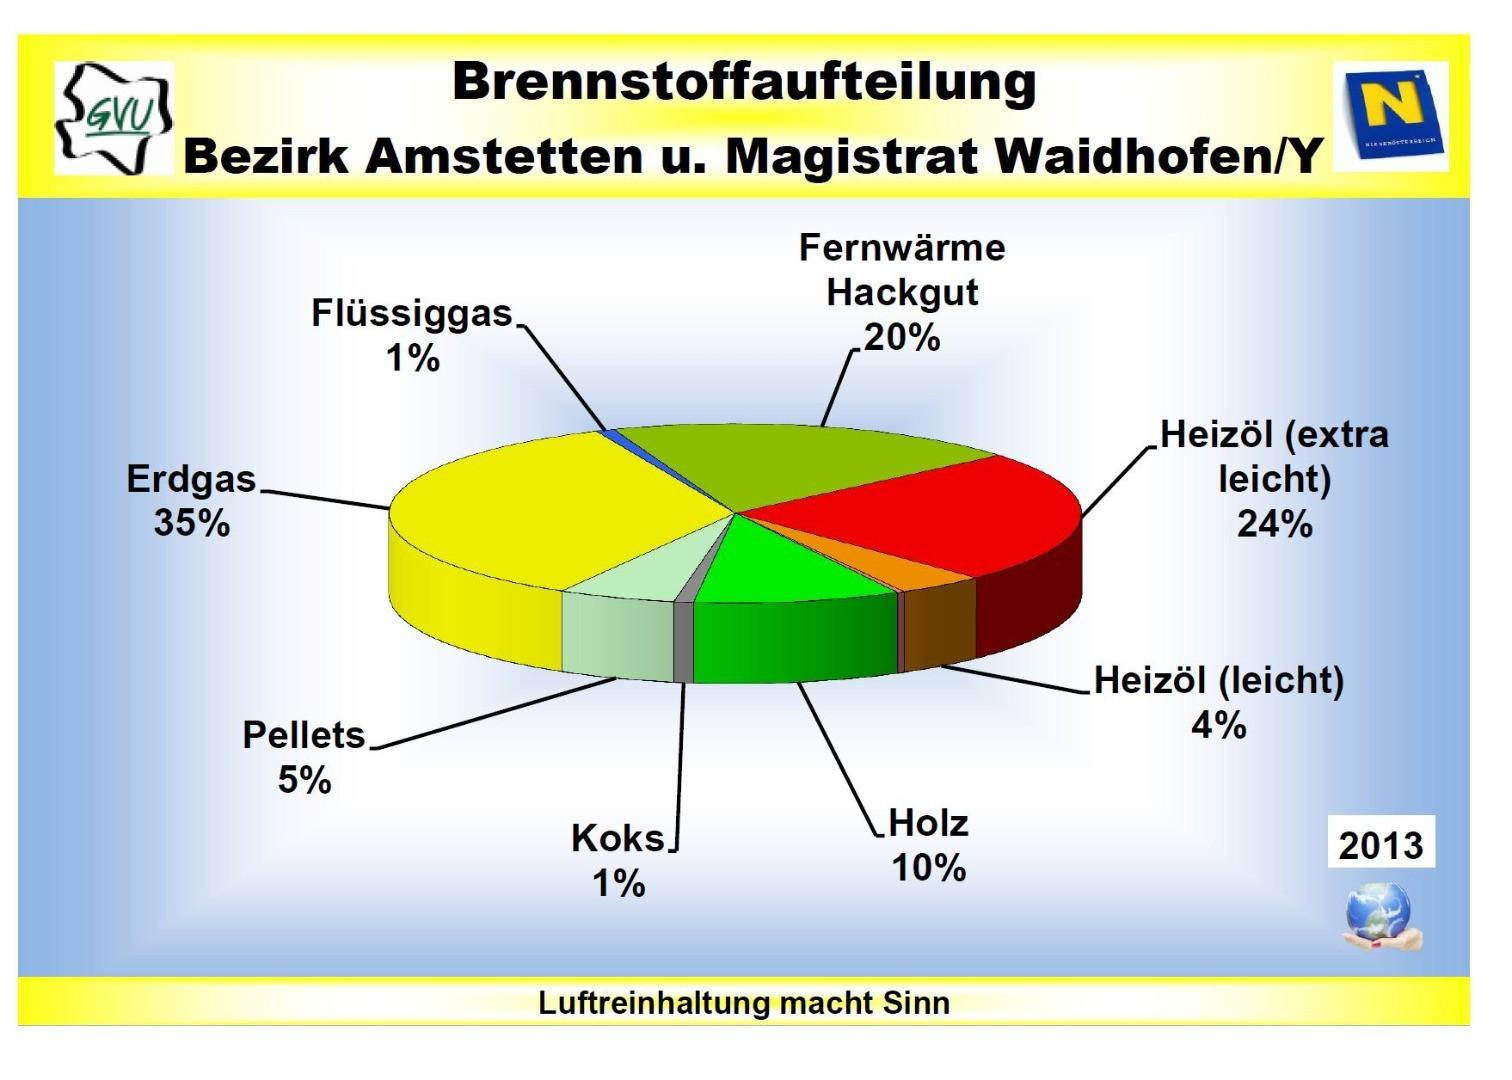 2013_Brennstoffaufteilung.JPG